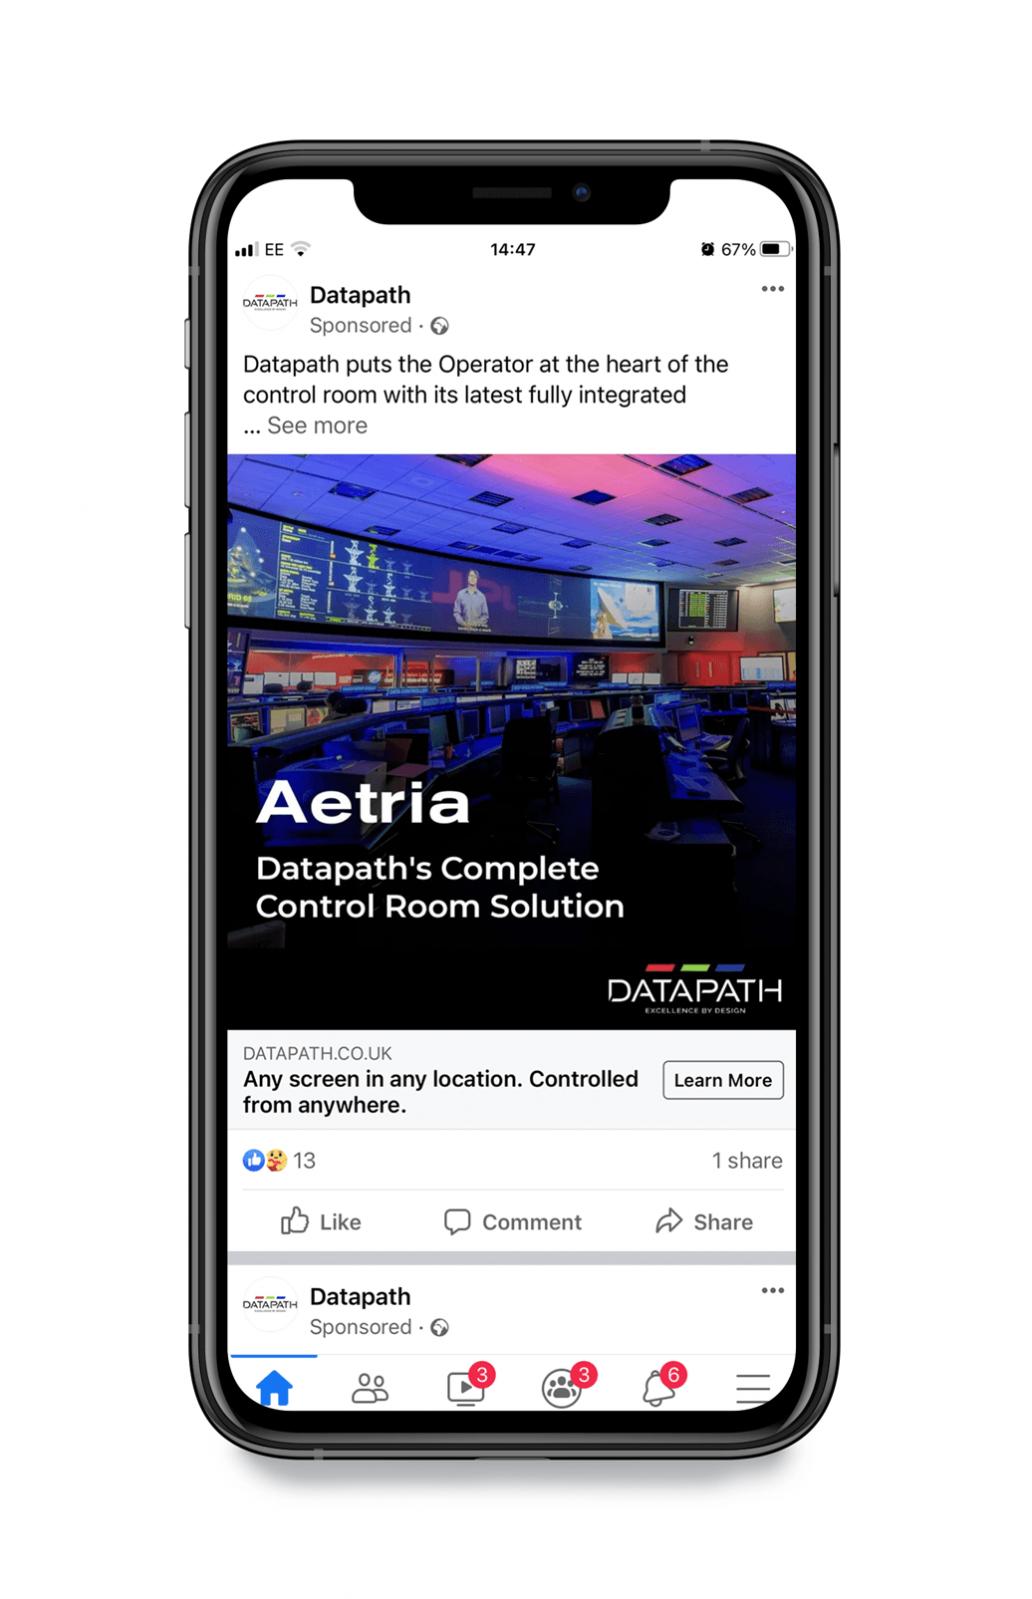 Datapath Facebook Focus